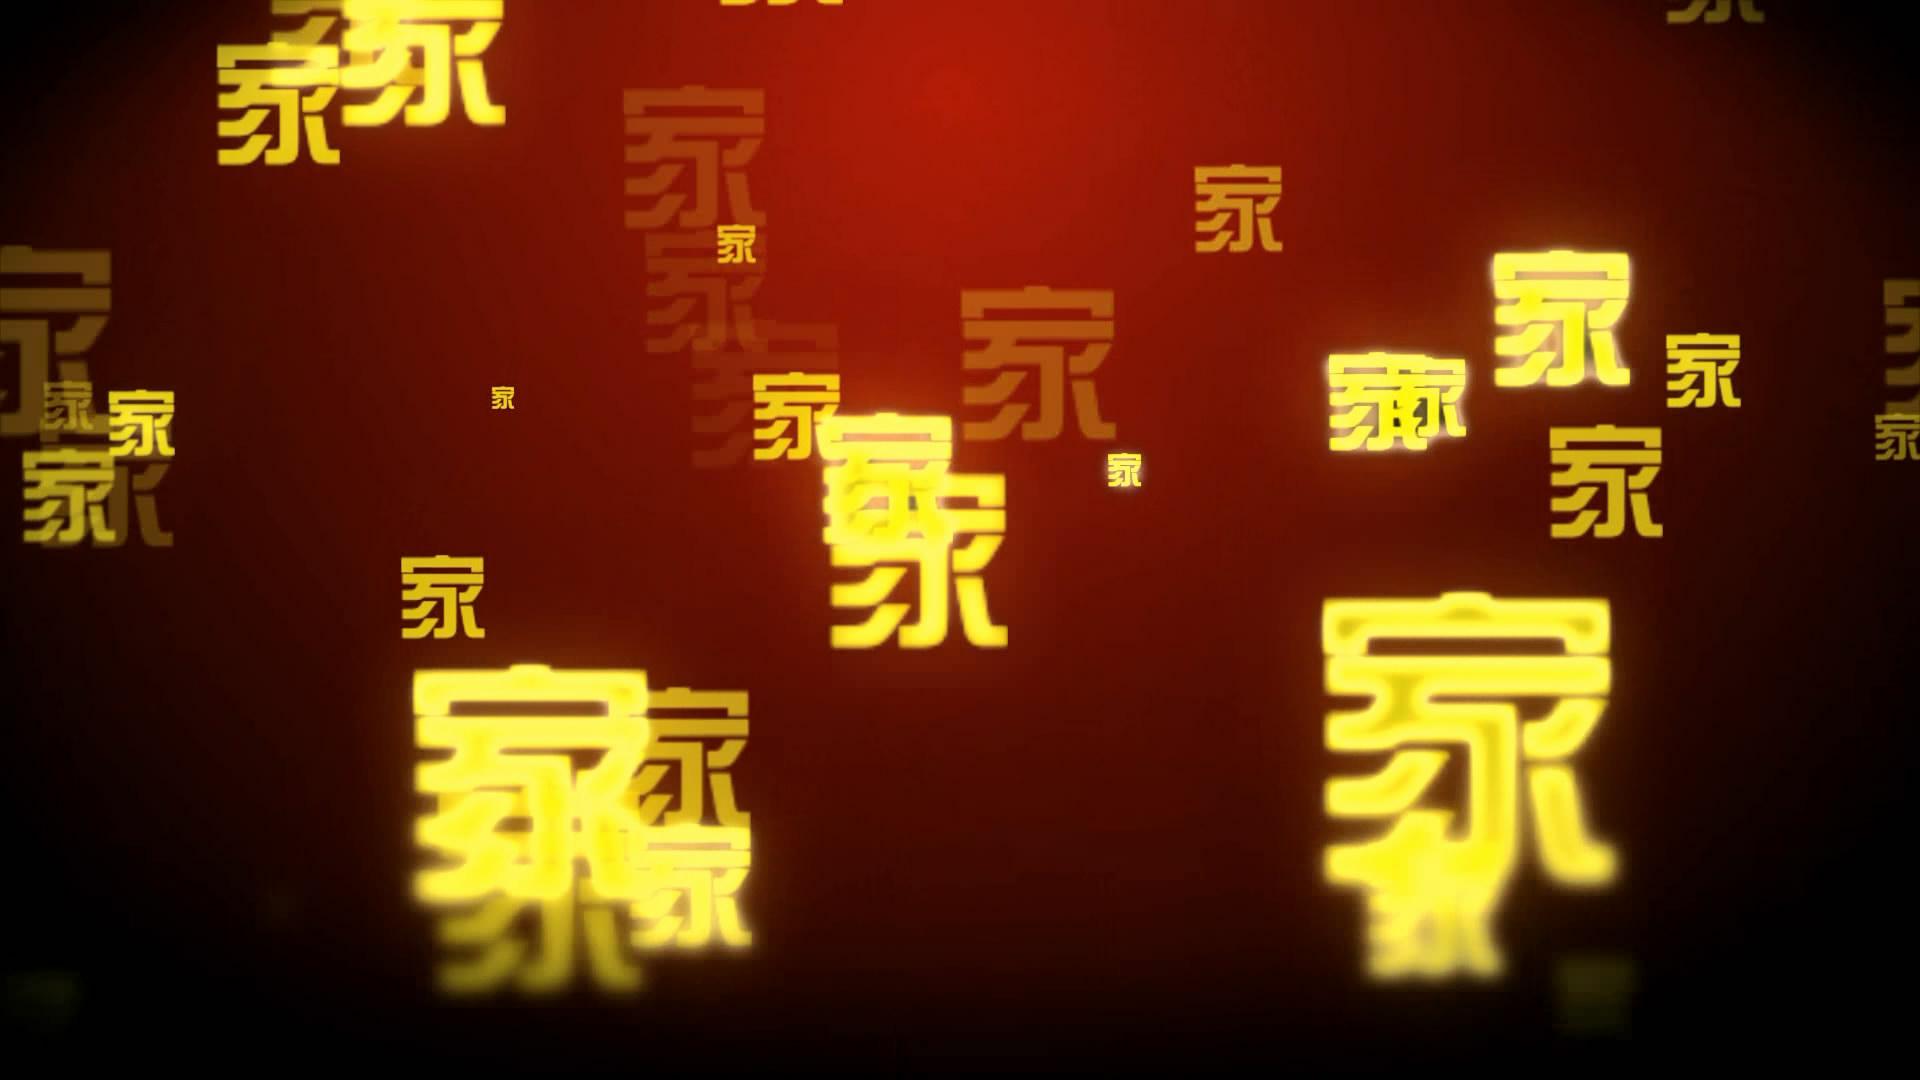 """婚礼背景素材 父母上台""""家""""为LED背景 高清动态背景视频素材"""